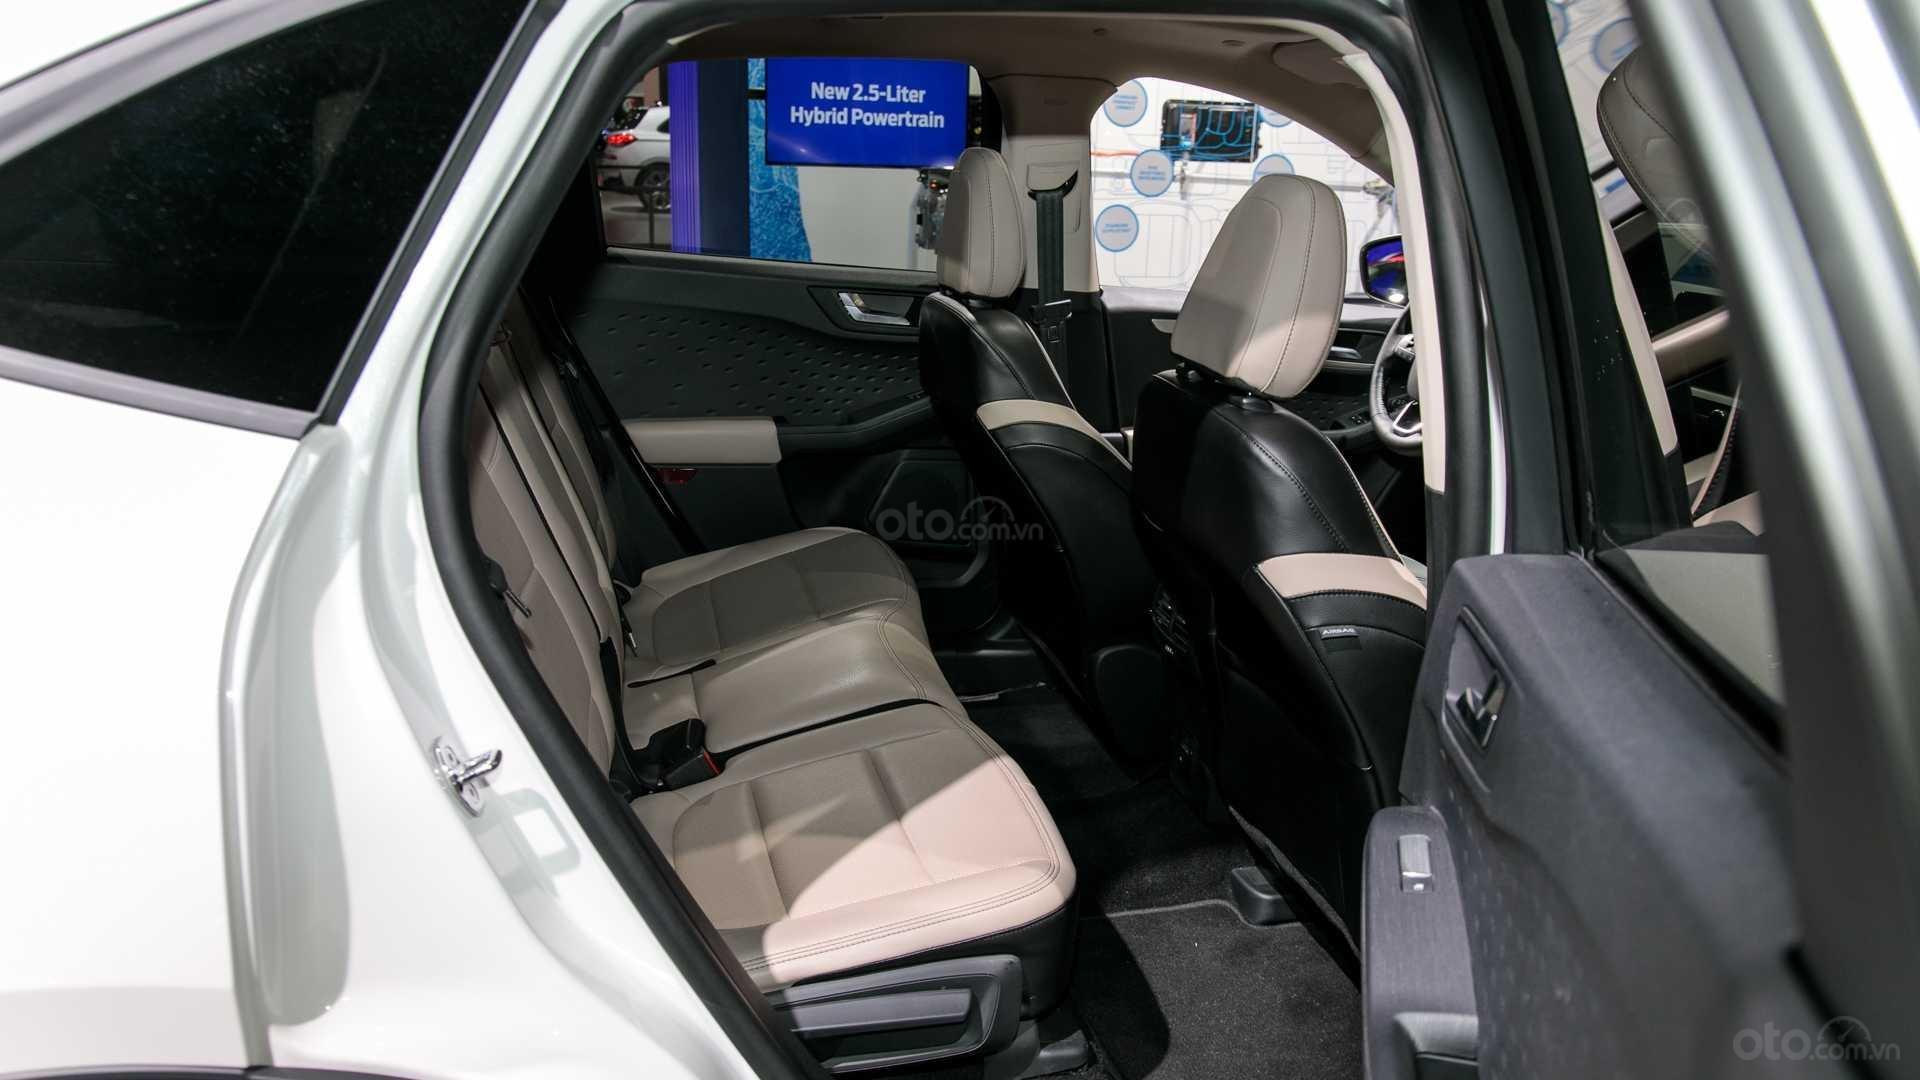 Đánh giá xe Ford Escape 2020 về hệ thống ghế ngồi 1